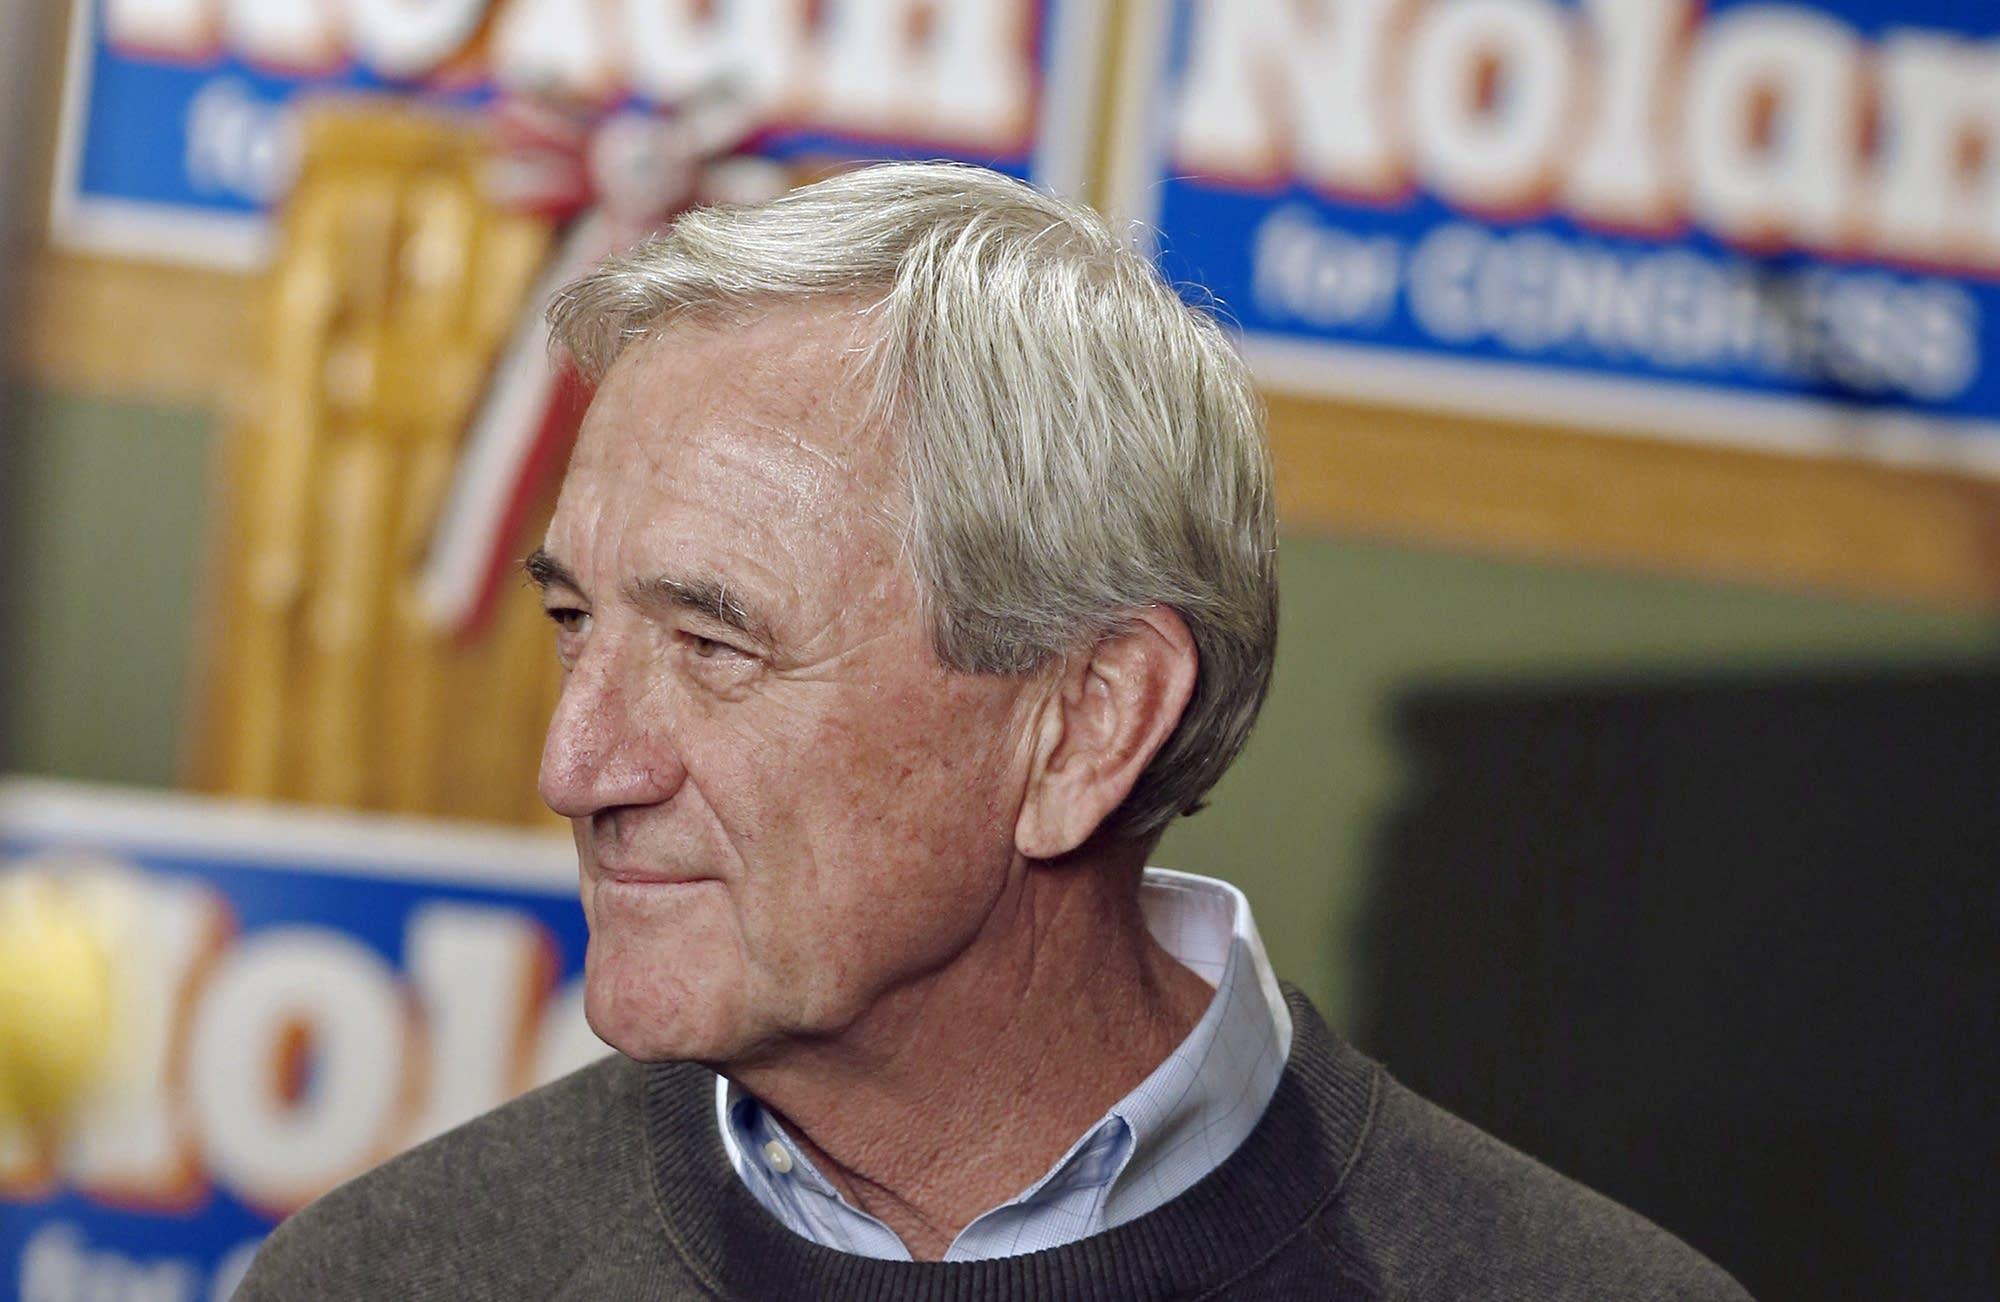 Democrat Congressman Rick Nolan